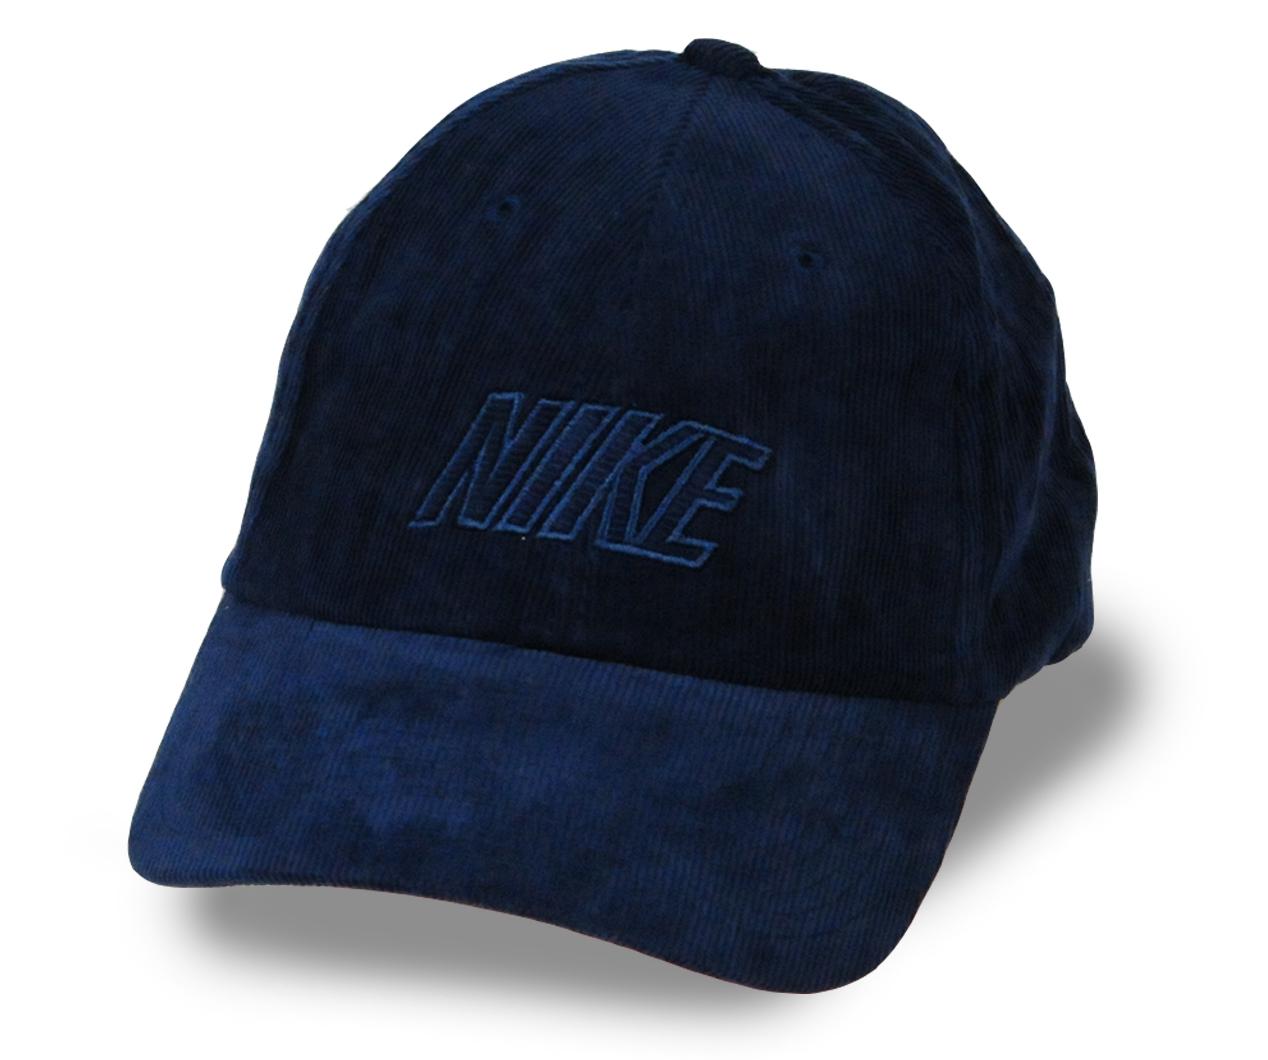 Вельветовая кепка - купить в интернет-магазине с доставкой